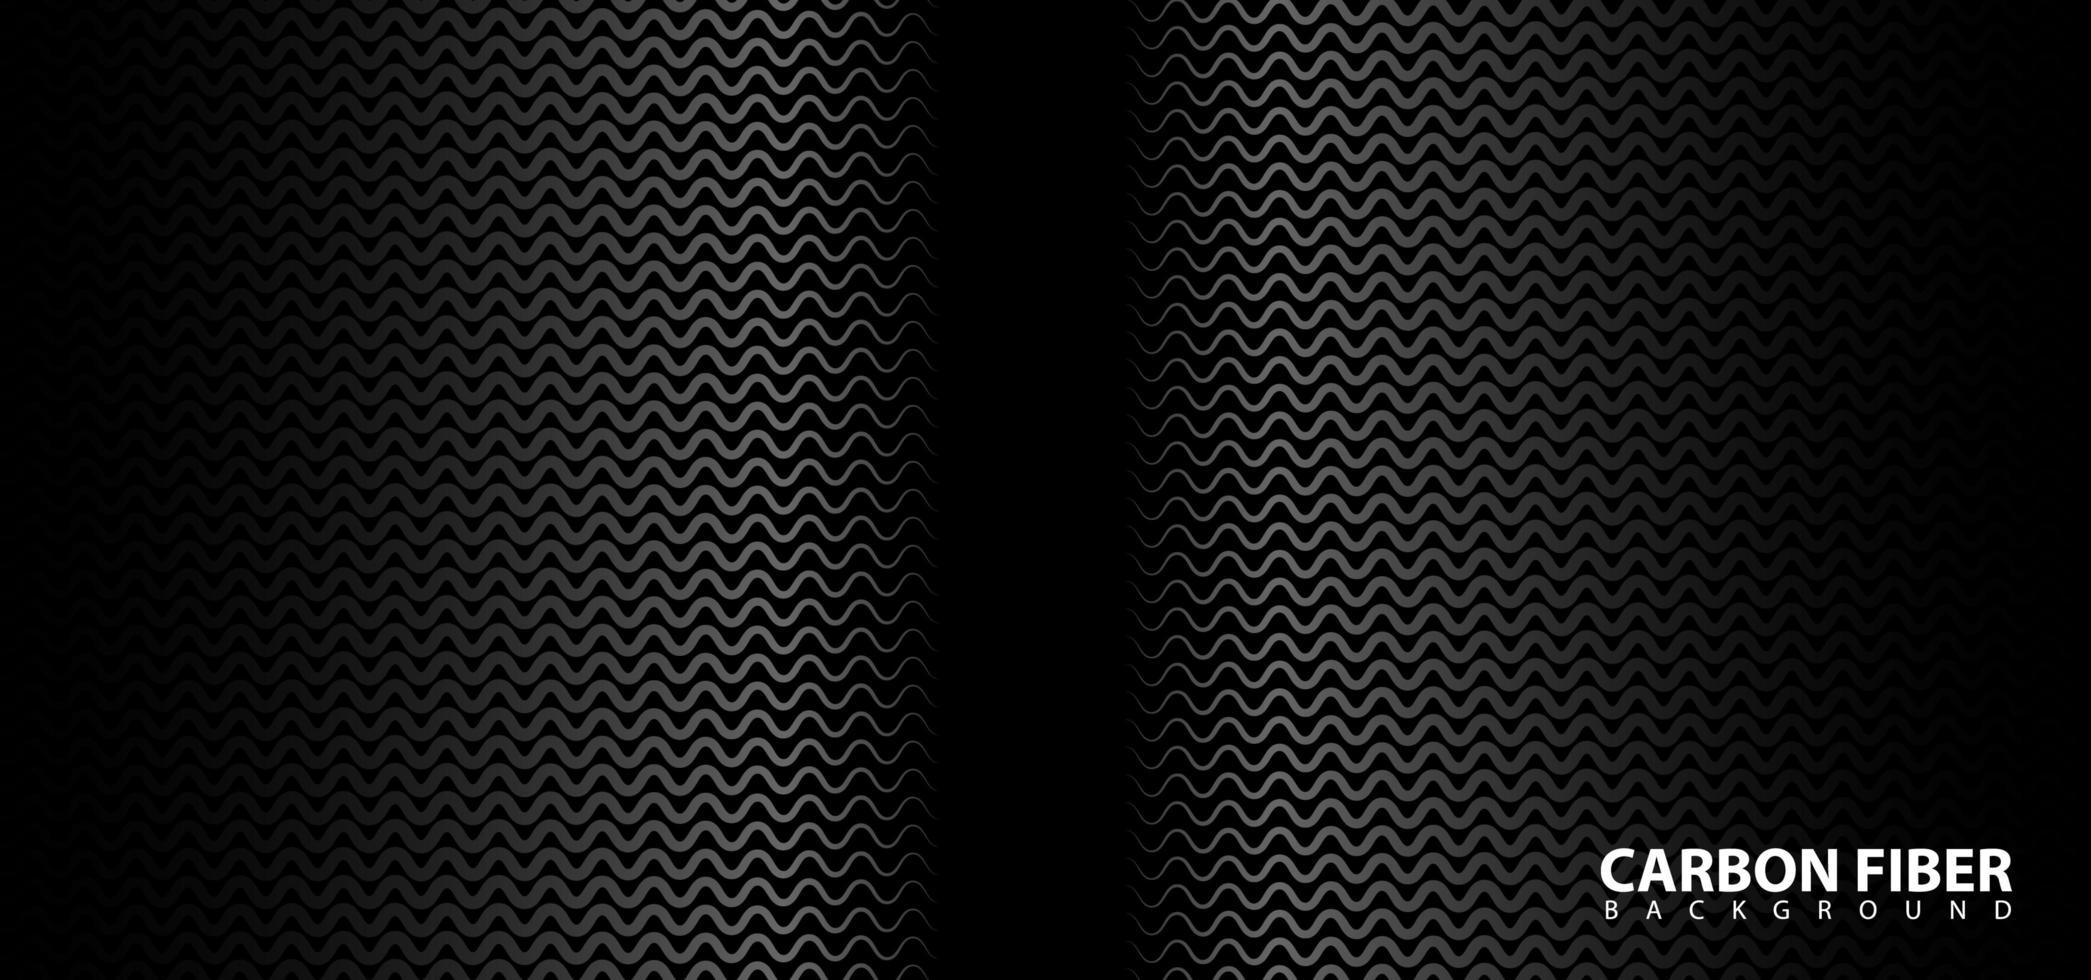 conception en fibre de carbone sur fond noir vecteur